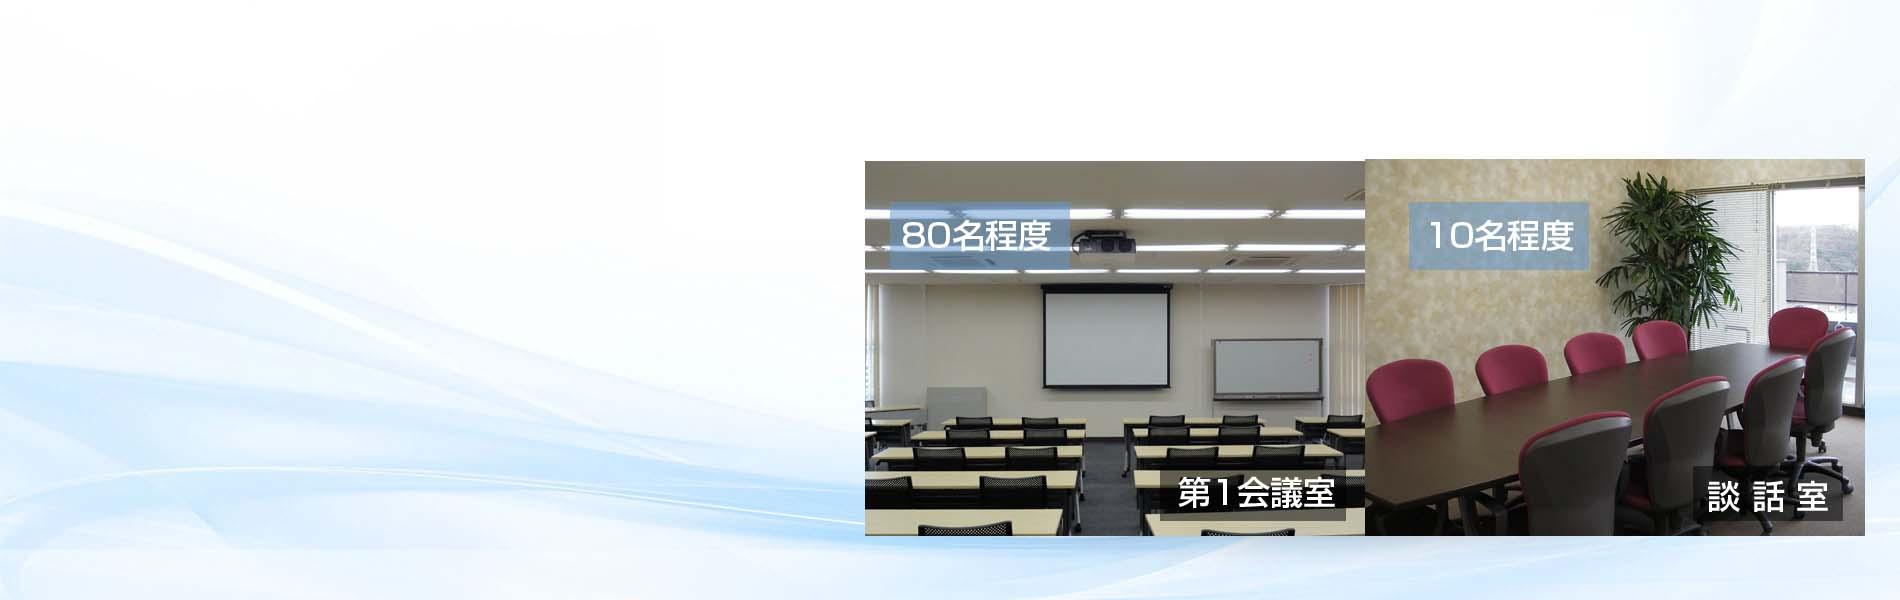 会議室の貸出。